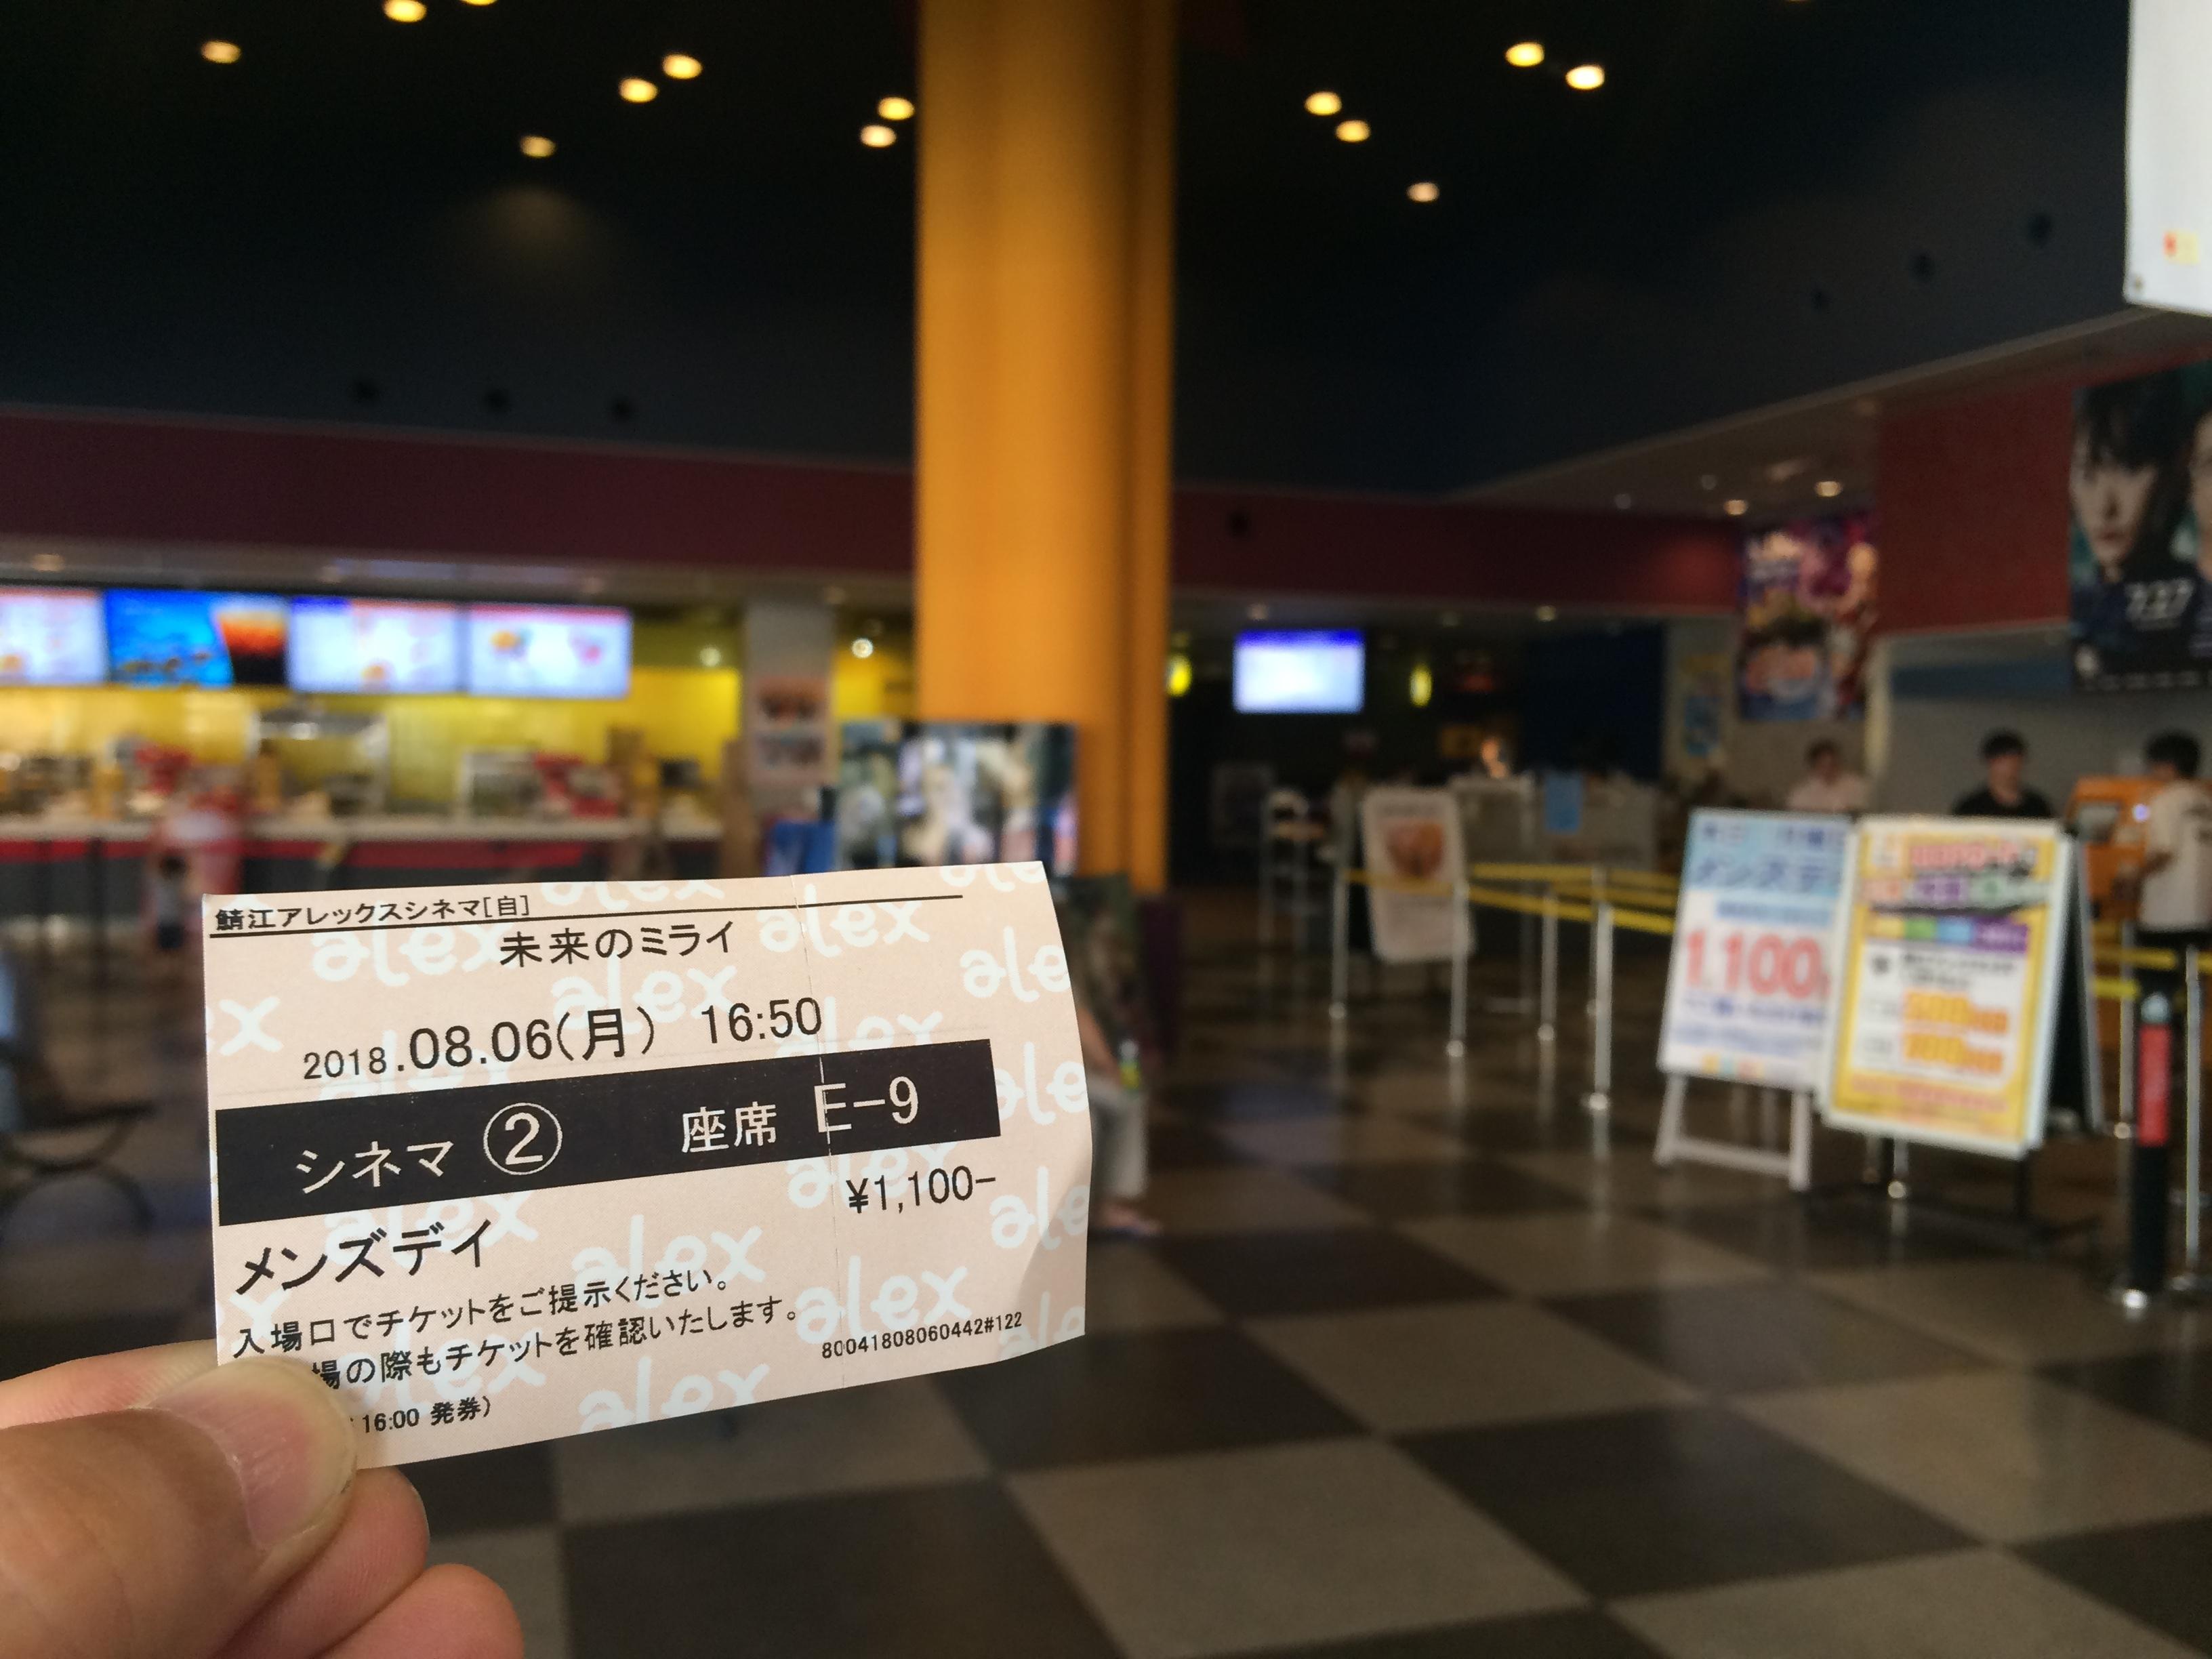 『未来のミライ』チケット(鯖江アレックスシネマ・ロビー)